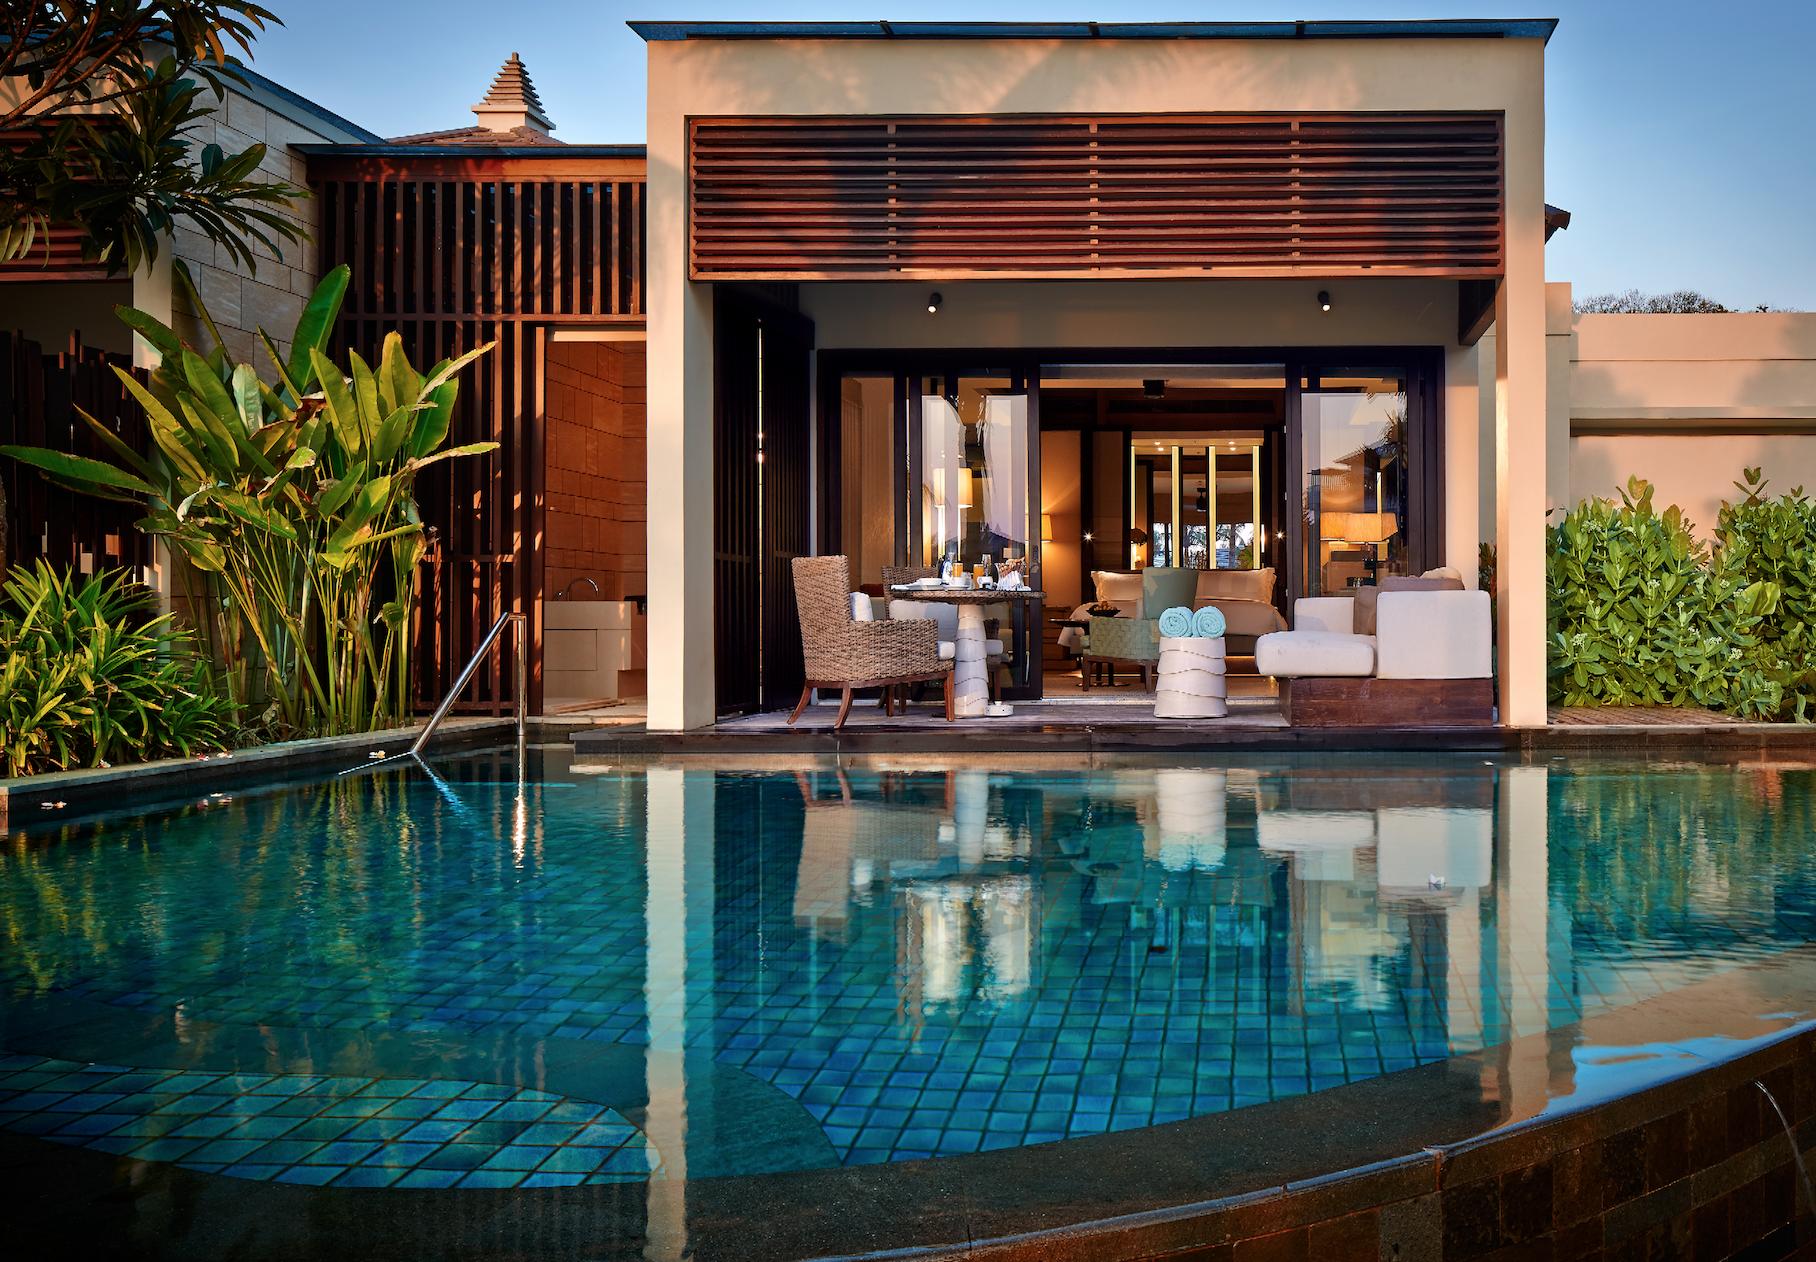 Photo By: Ritz Carlton Bali